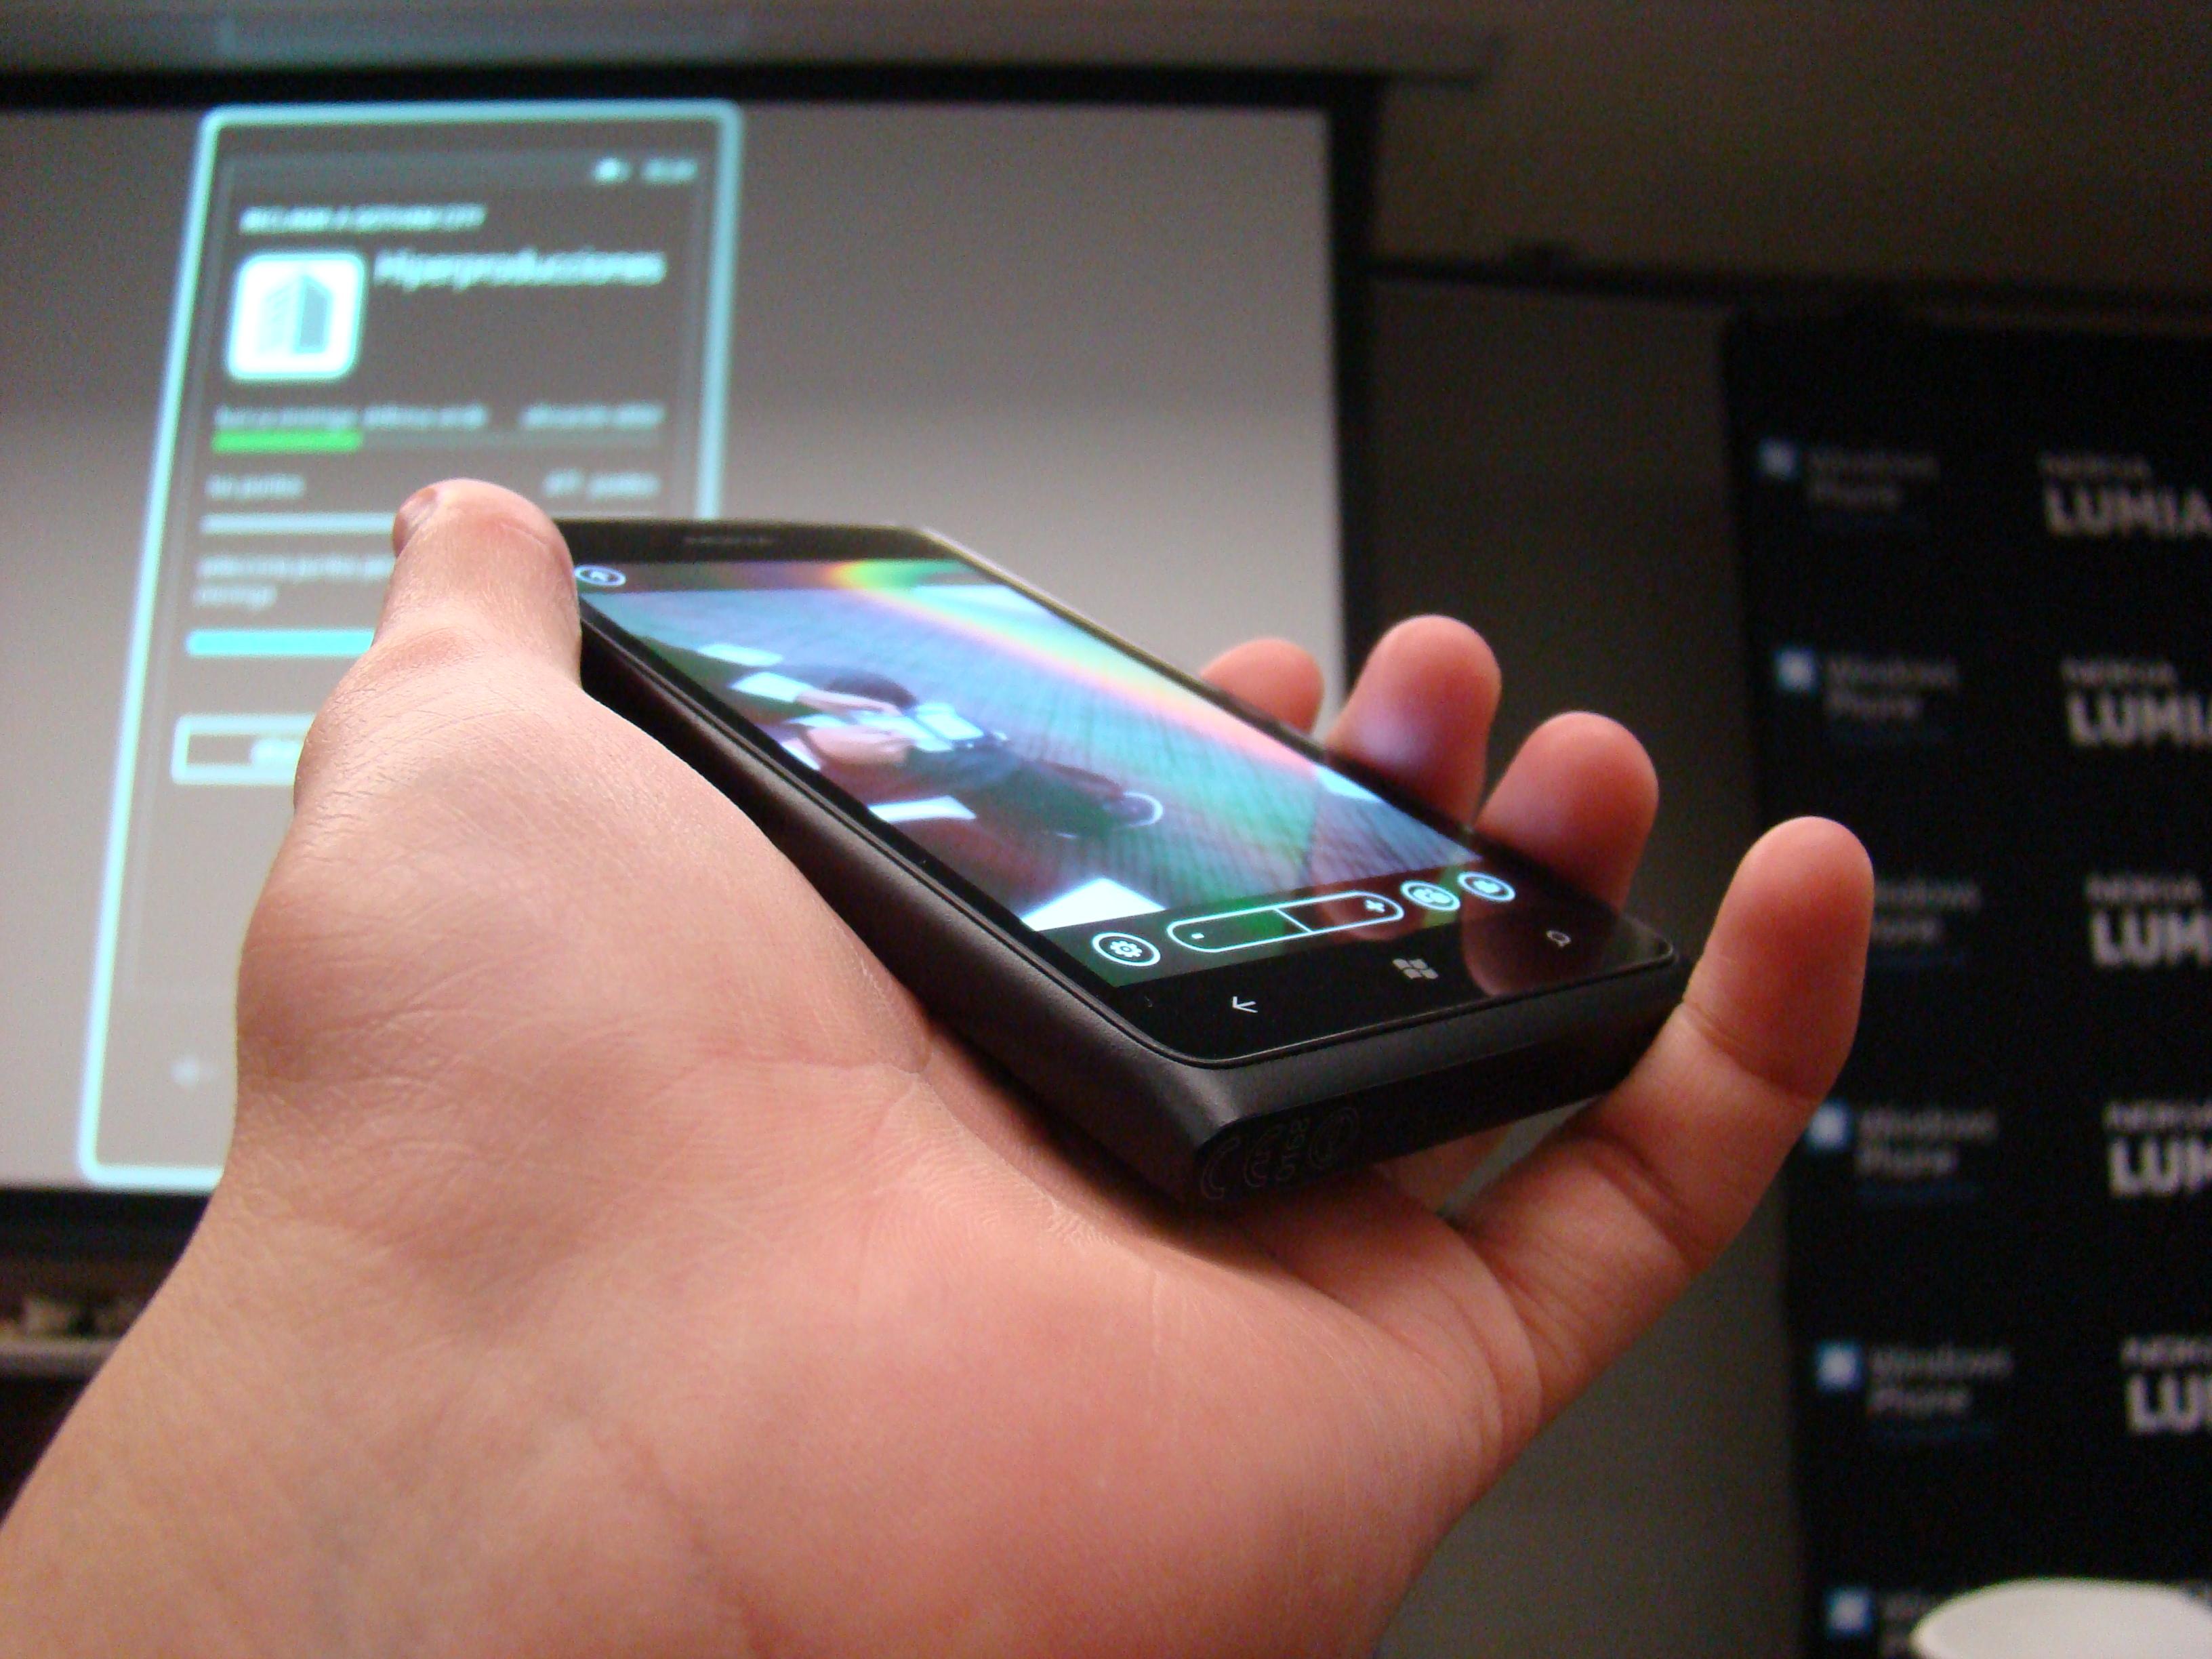 Nokia Lumia 900 7